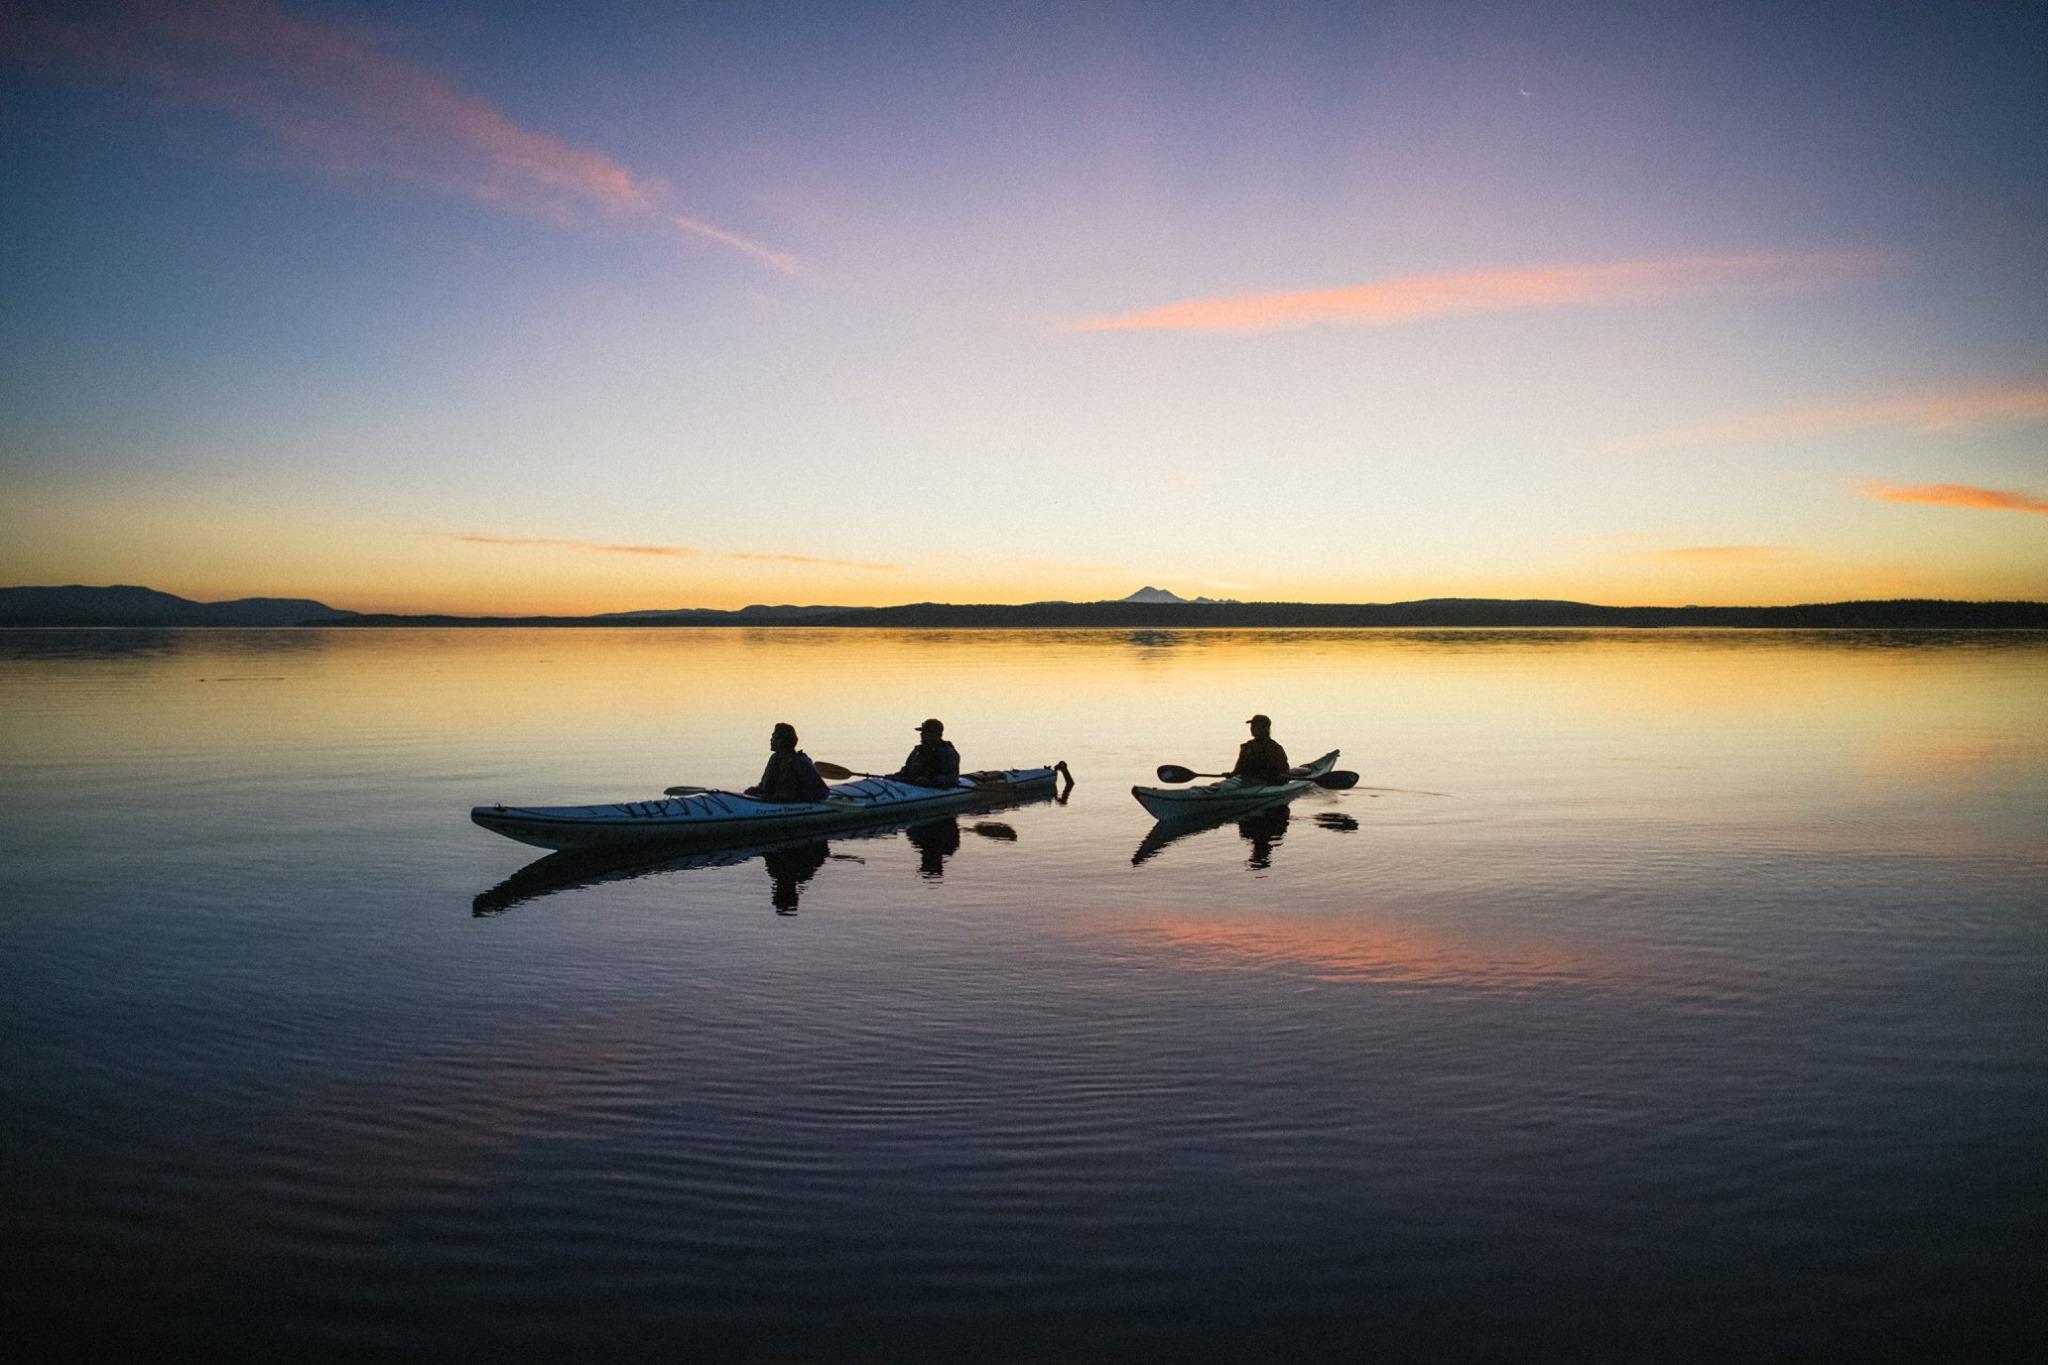 You Can Take A Magical Bioluminescence Kayak Tour In Washington